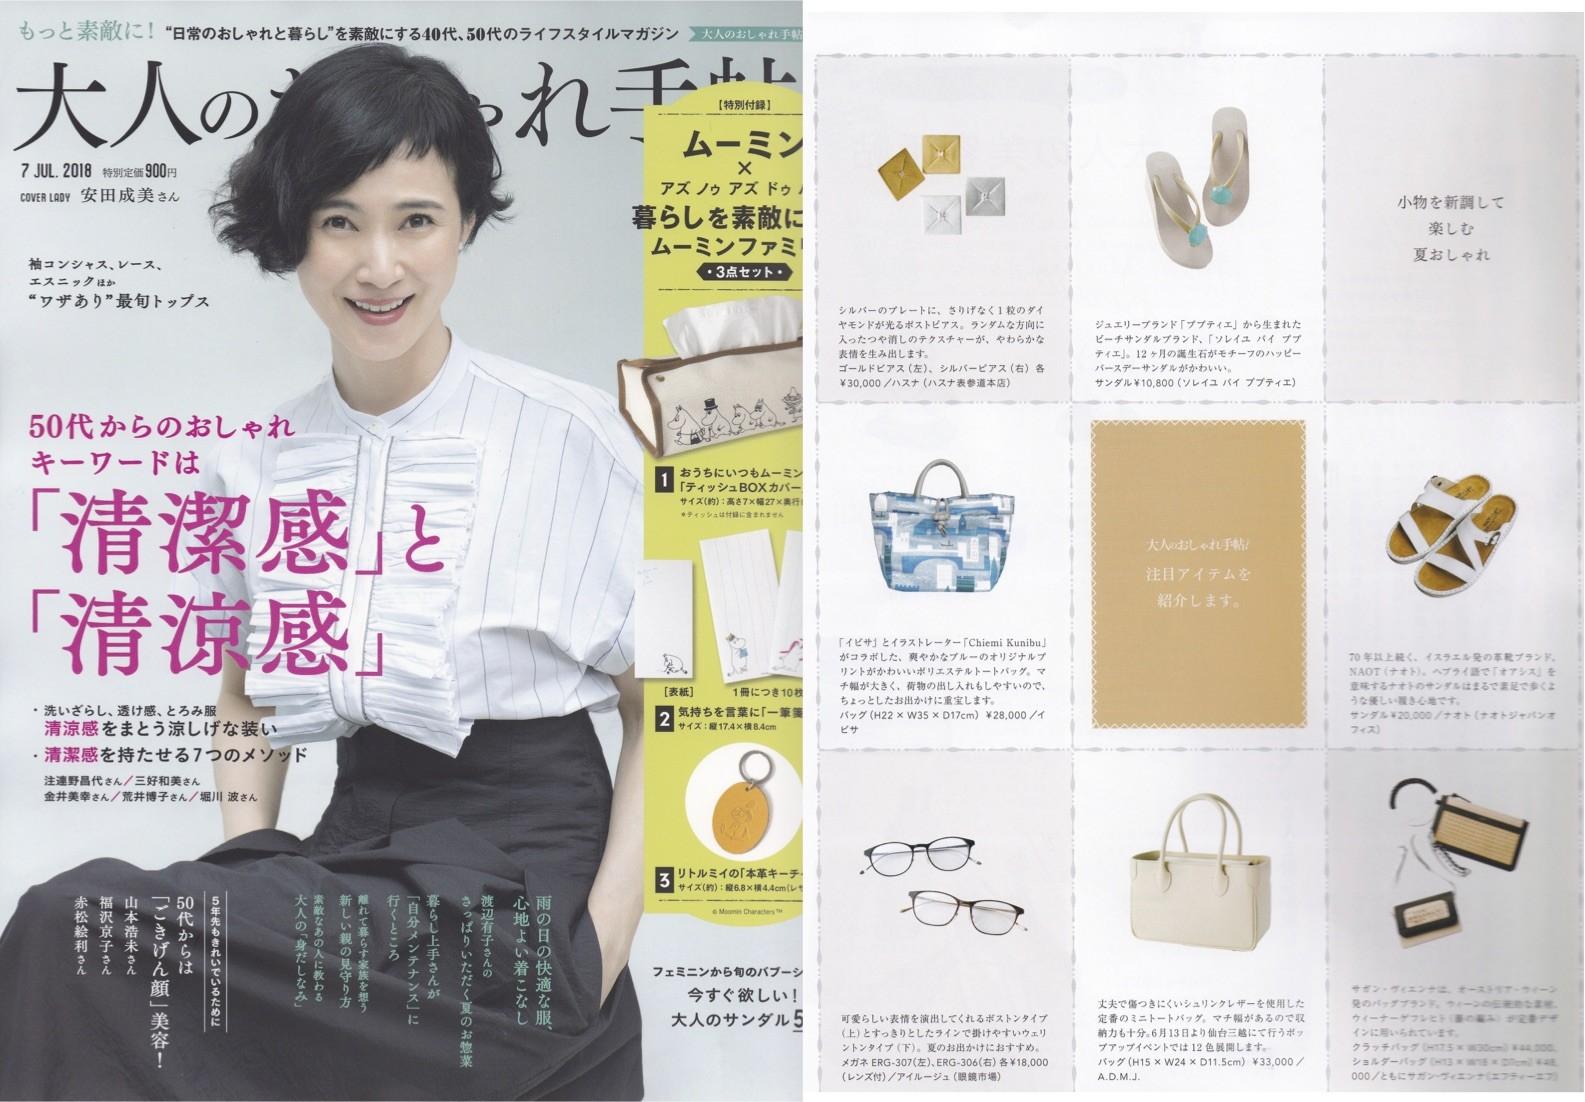 大人のおしゃれ手帖 7月号 2018年6月7日発売#SAGANvienna